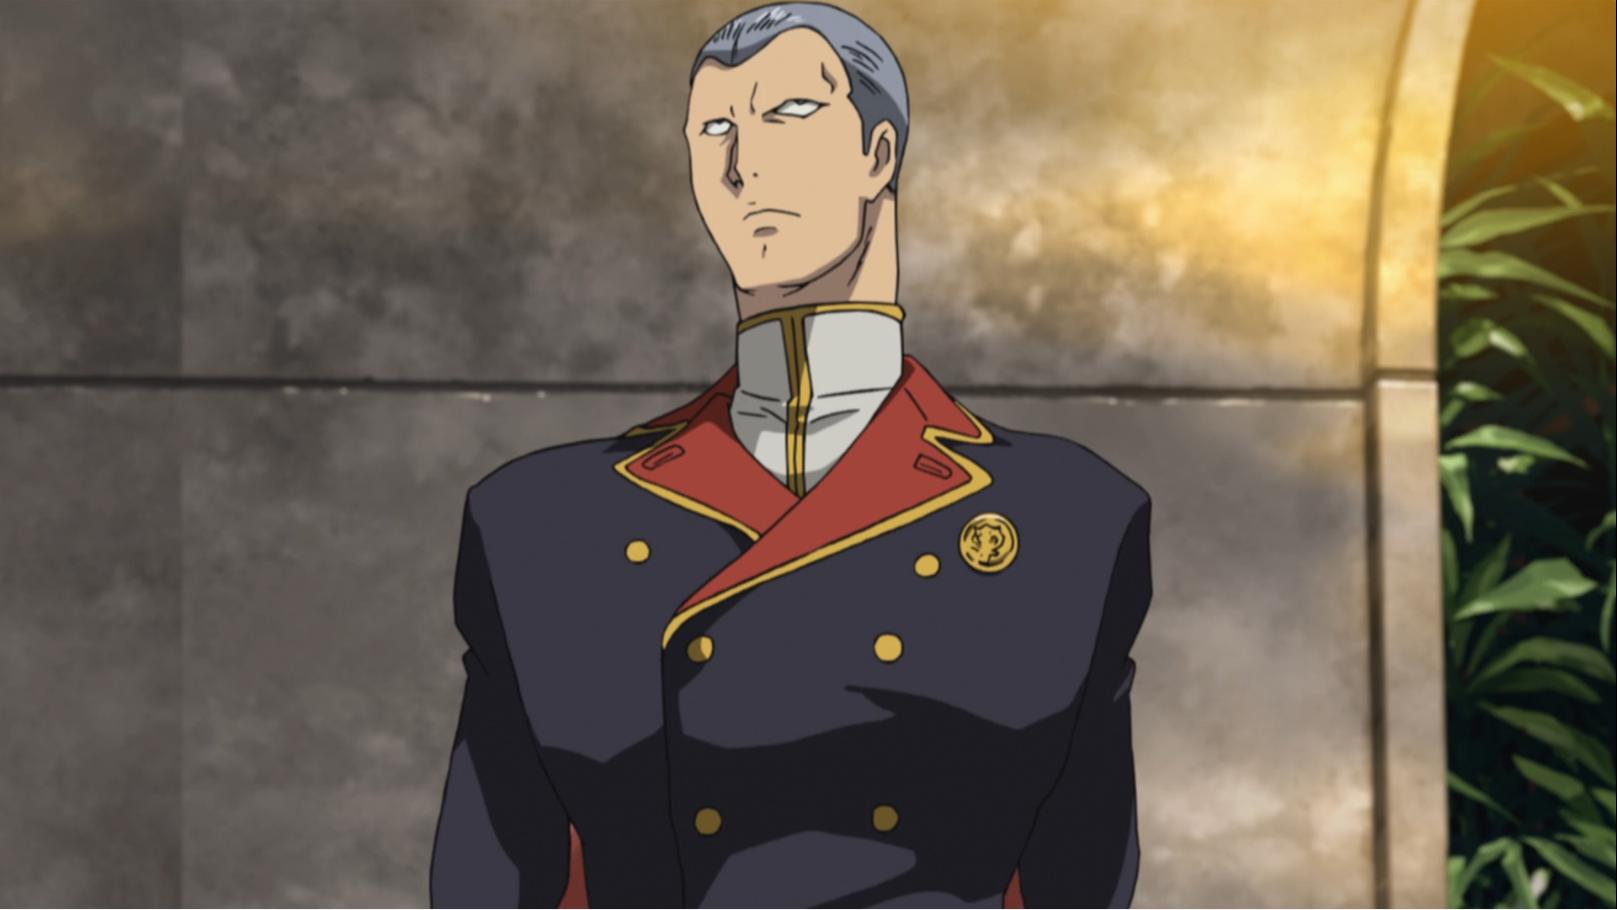 Gihren Zabi The Gundam Wiki Fandom Powered By Wikia